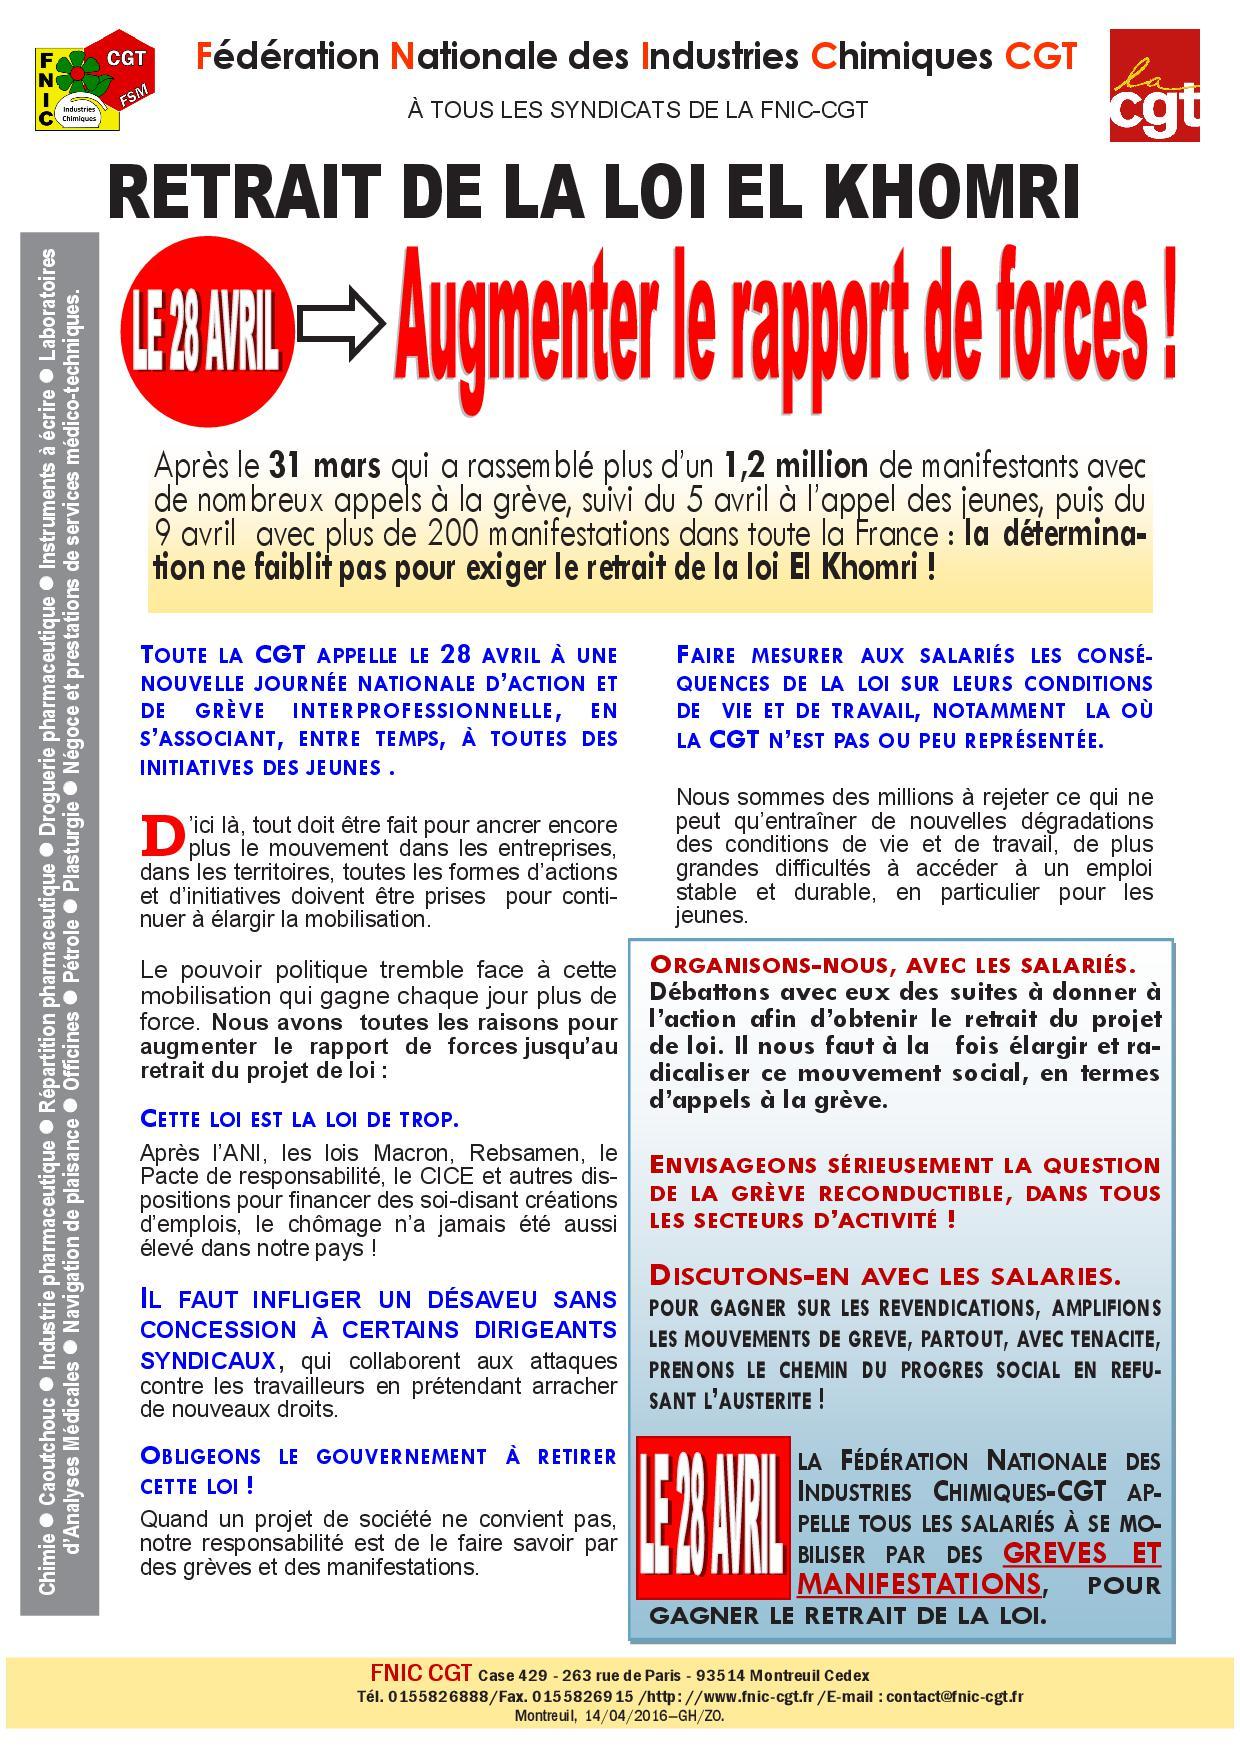 000000020160428-retrait-loi-el-khomri-augmenter-les-rapports-de-force